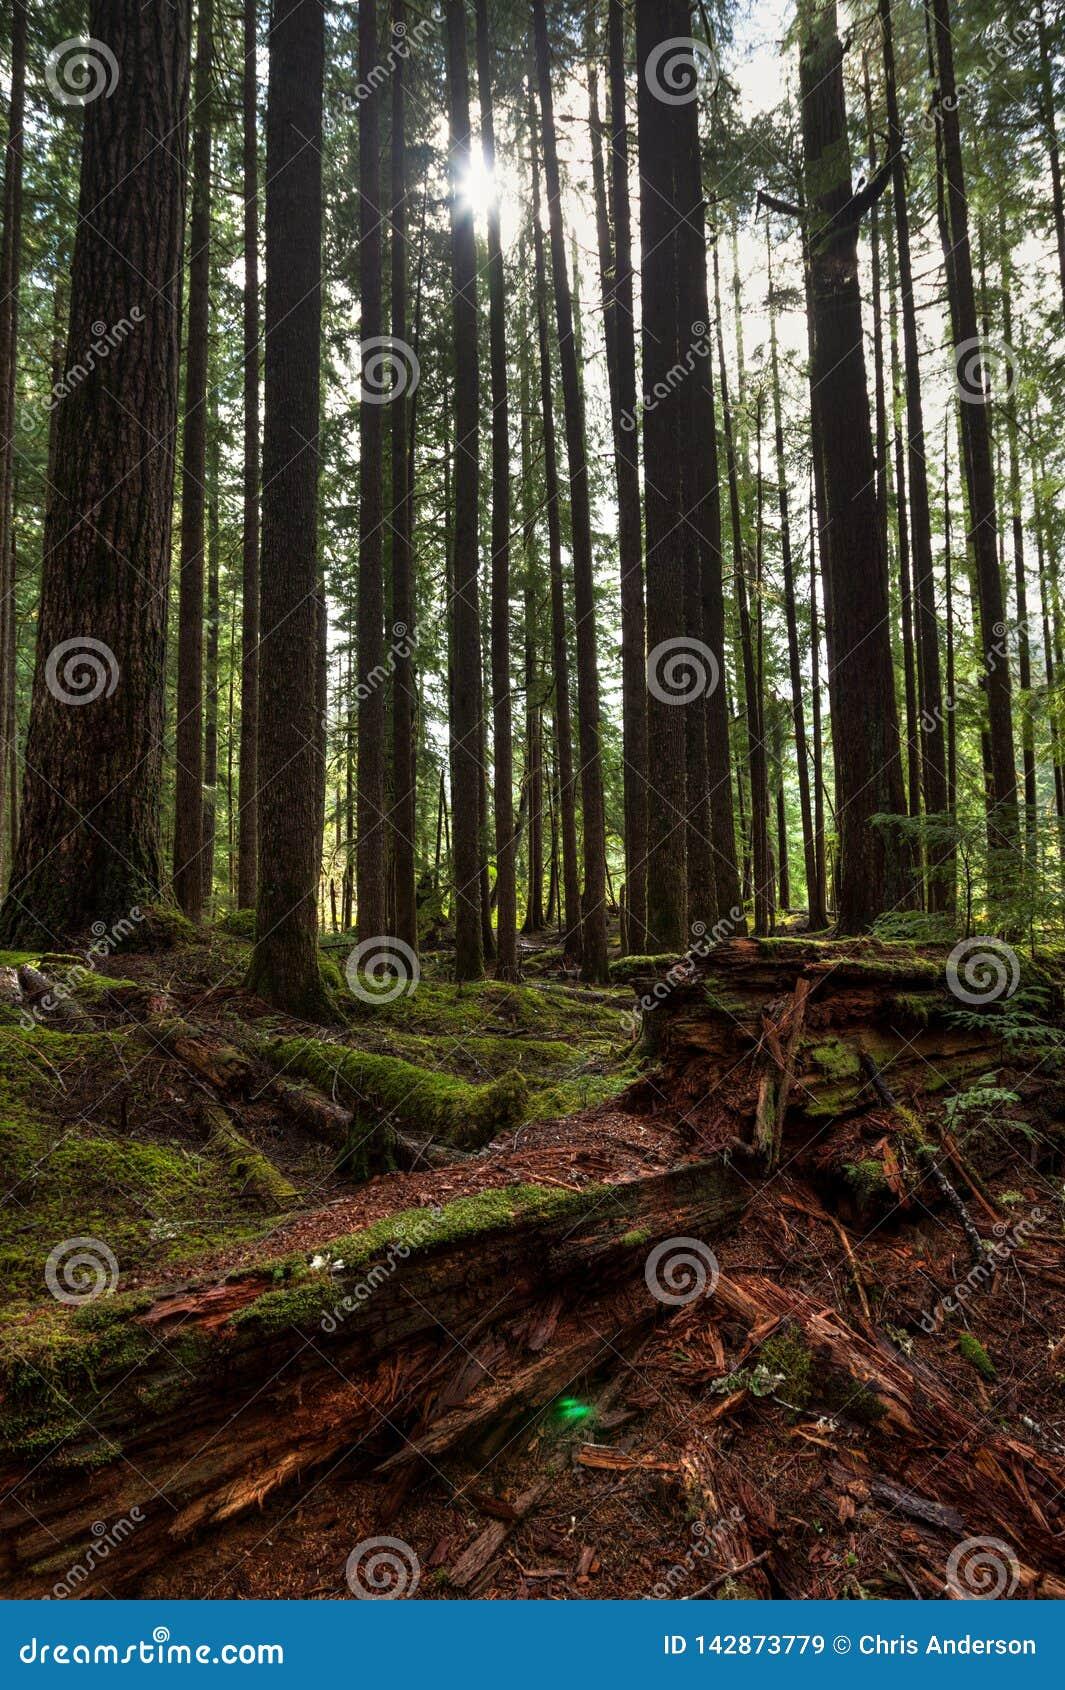 Wysocy drzewa i zbutwiała redwood nazwa użytkownika przedpole i słońca jaśnienie między drzewami w Hoh lesie tropikalnym